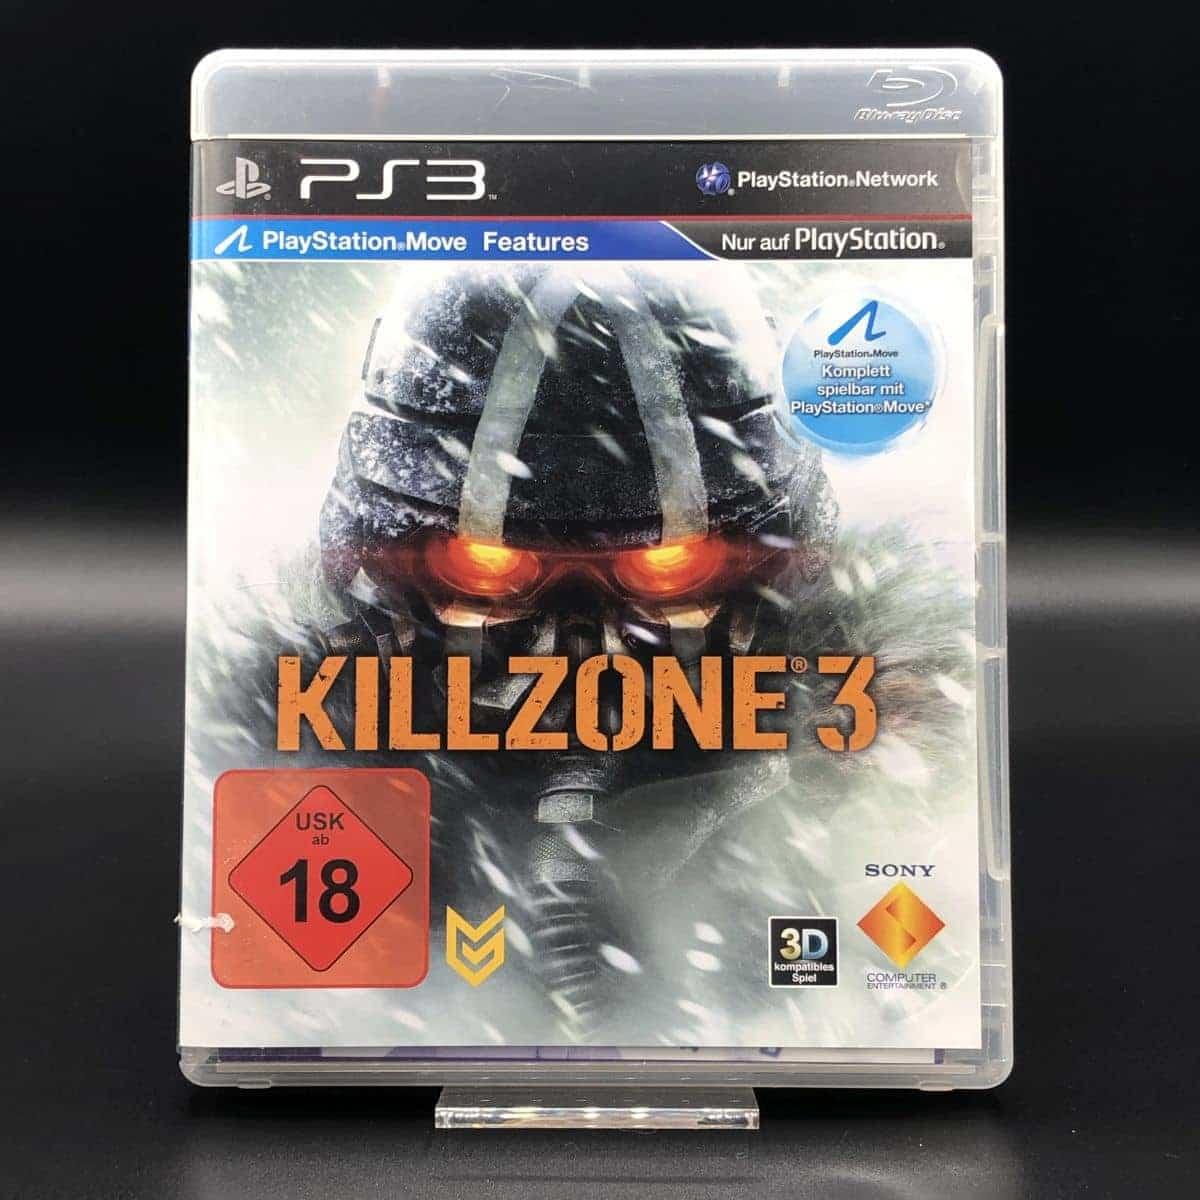 PS3 Killzone 3 (Komplett) (Sehr gut) Sony PlayStation 3 (FSK18)